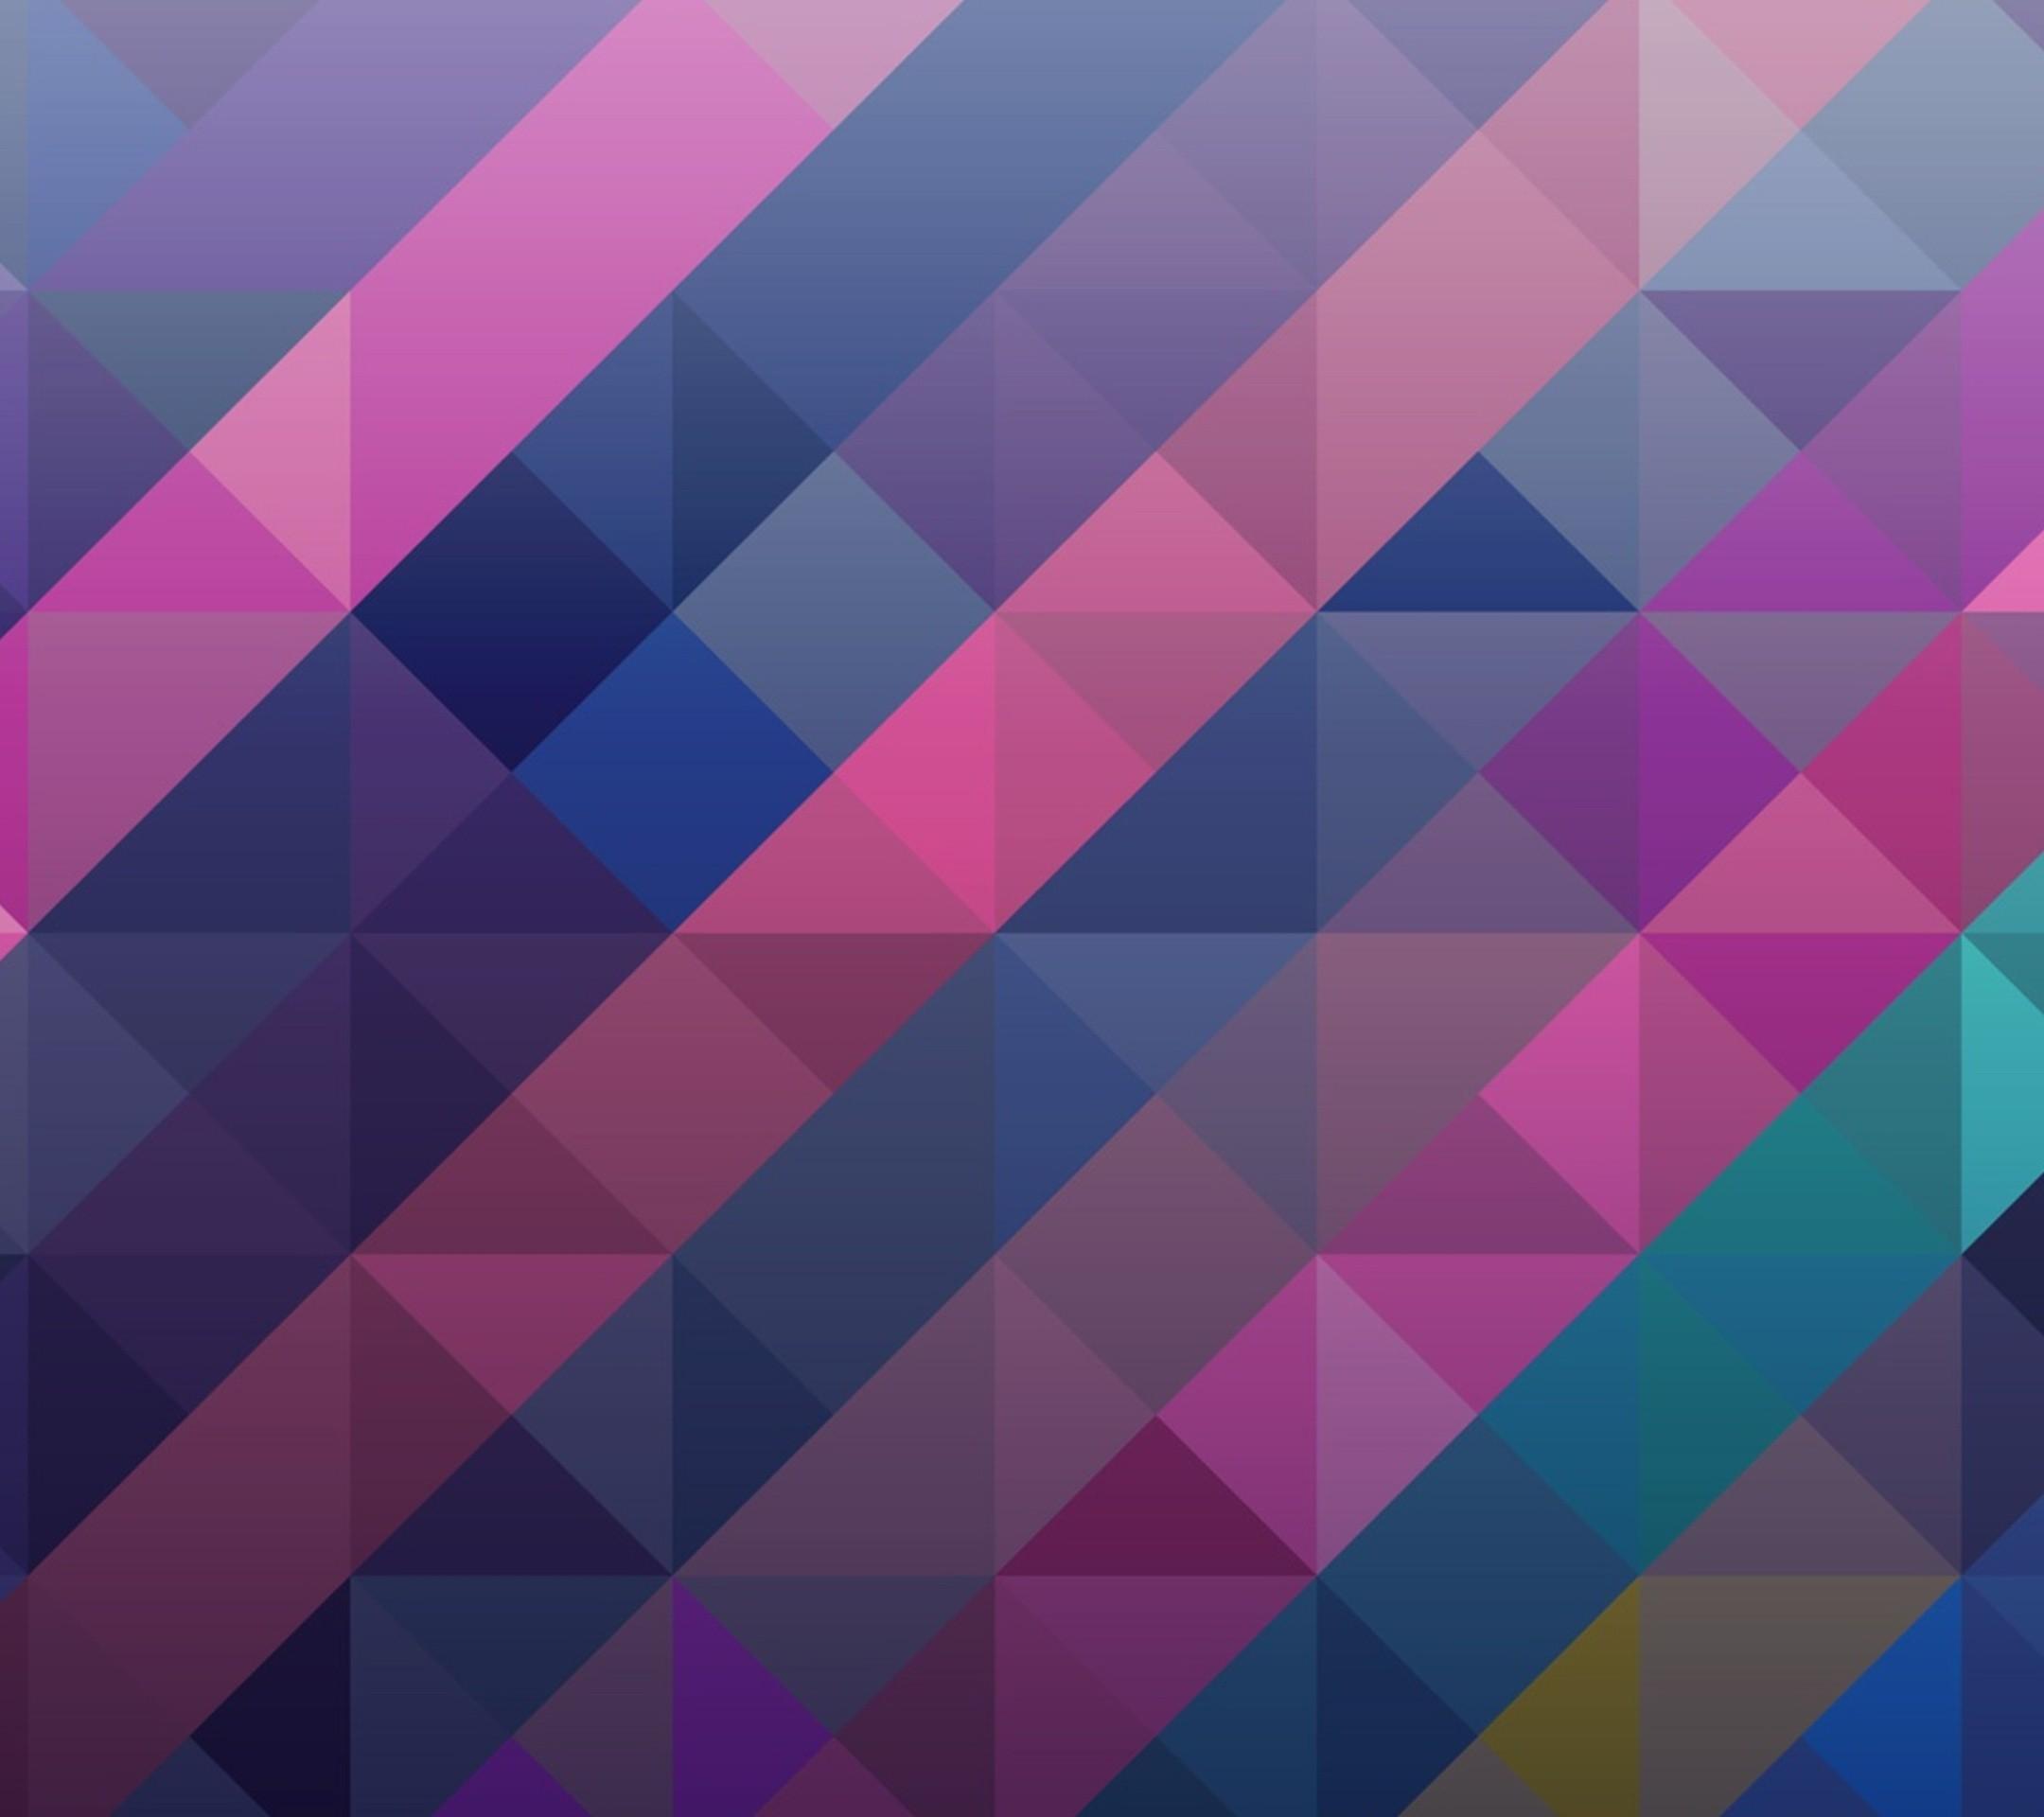 fondo de pantalla geometrico sencillo ringtina